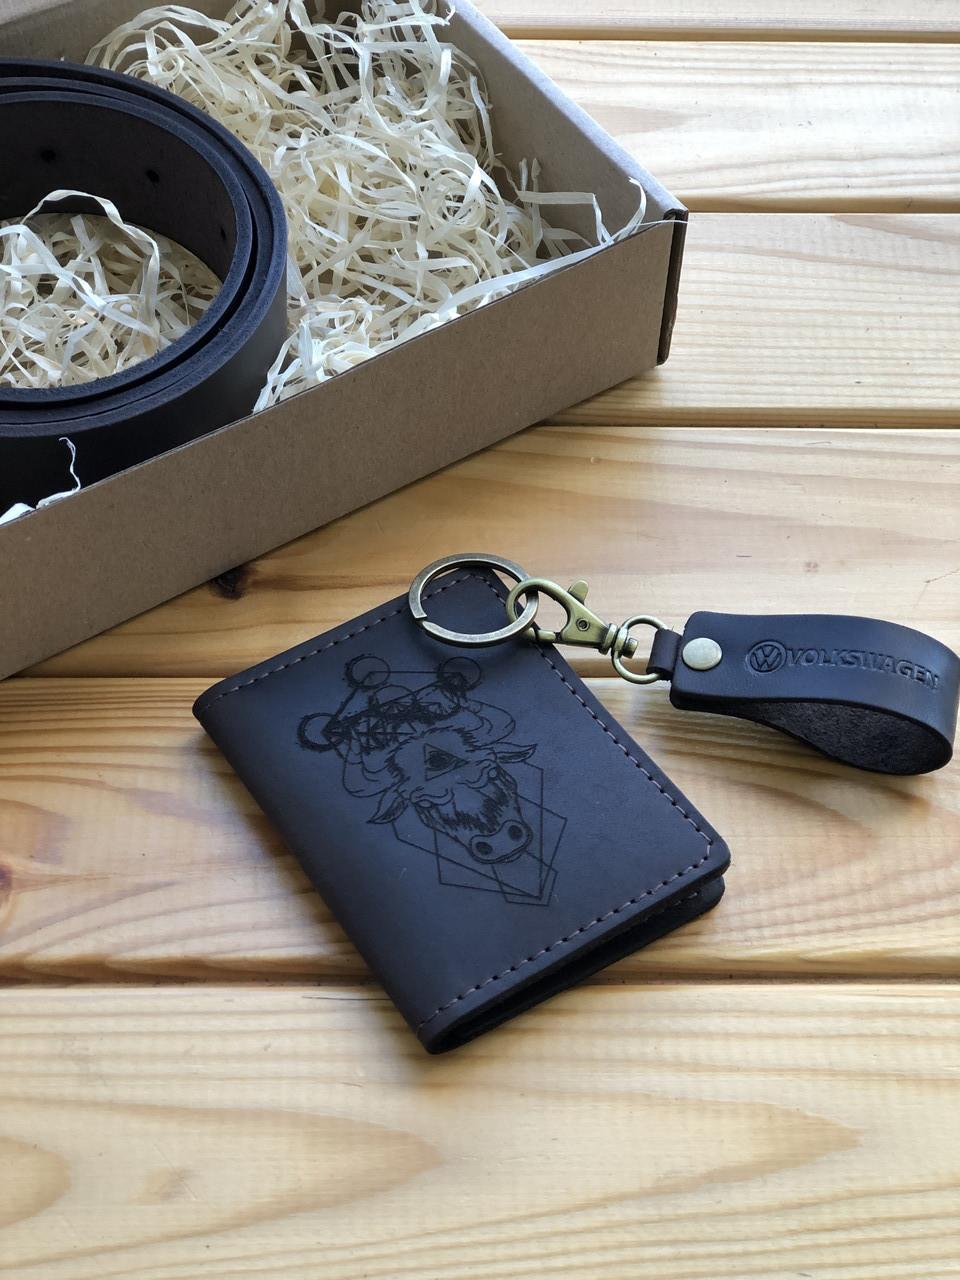 Шкіряна обкладинка права, id паспорт, водійське посвідчення Theo (Ручна робота)